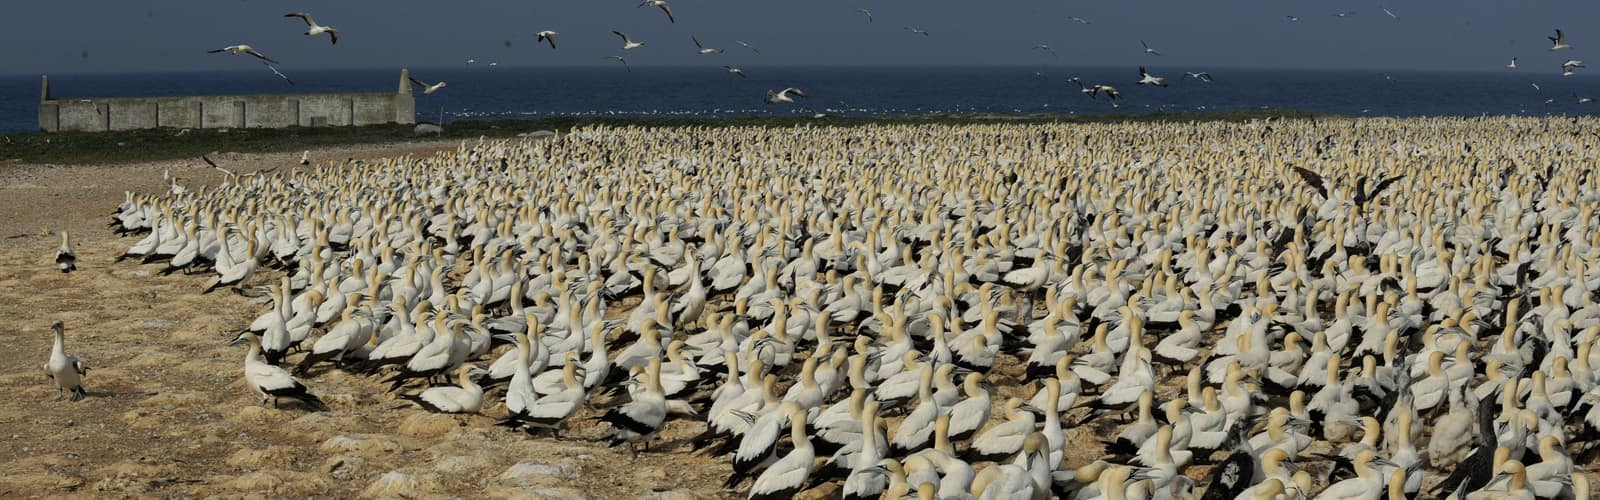 bird-island-cover-afrique-du-sud-decouverte